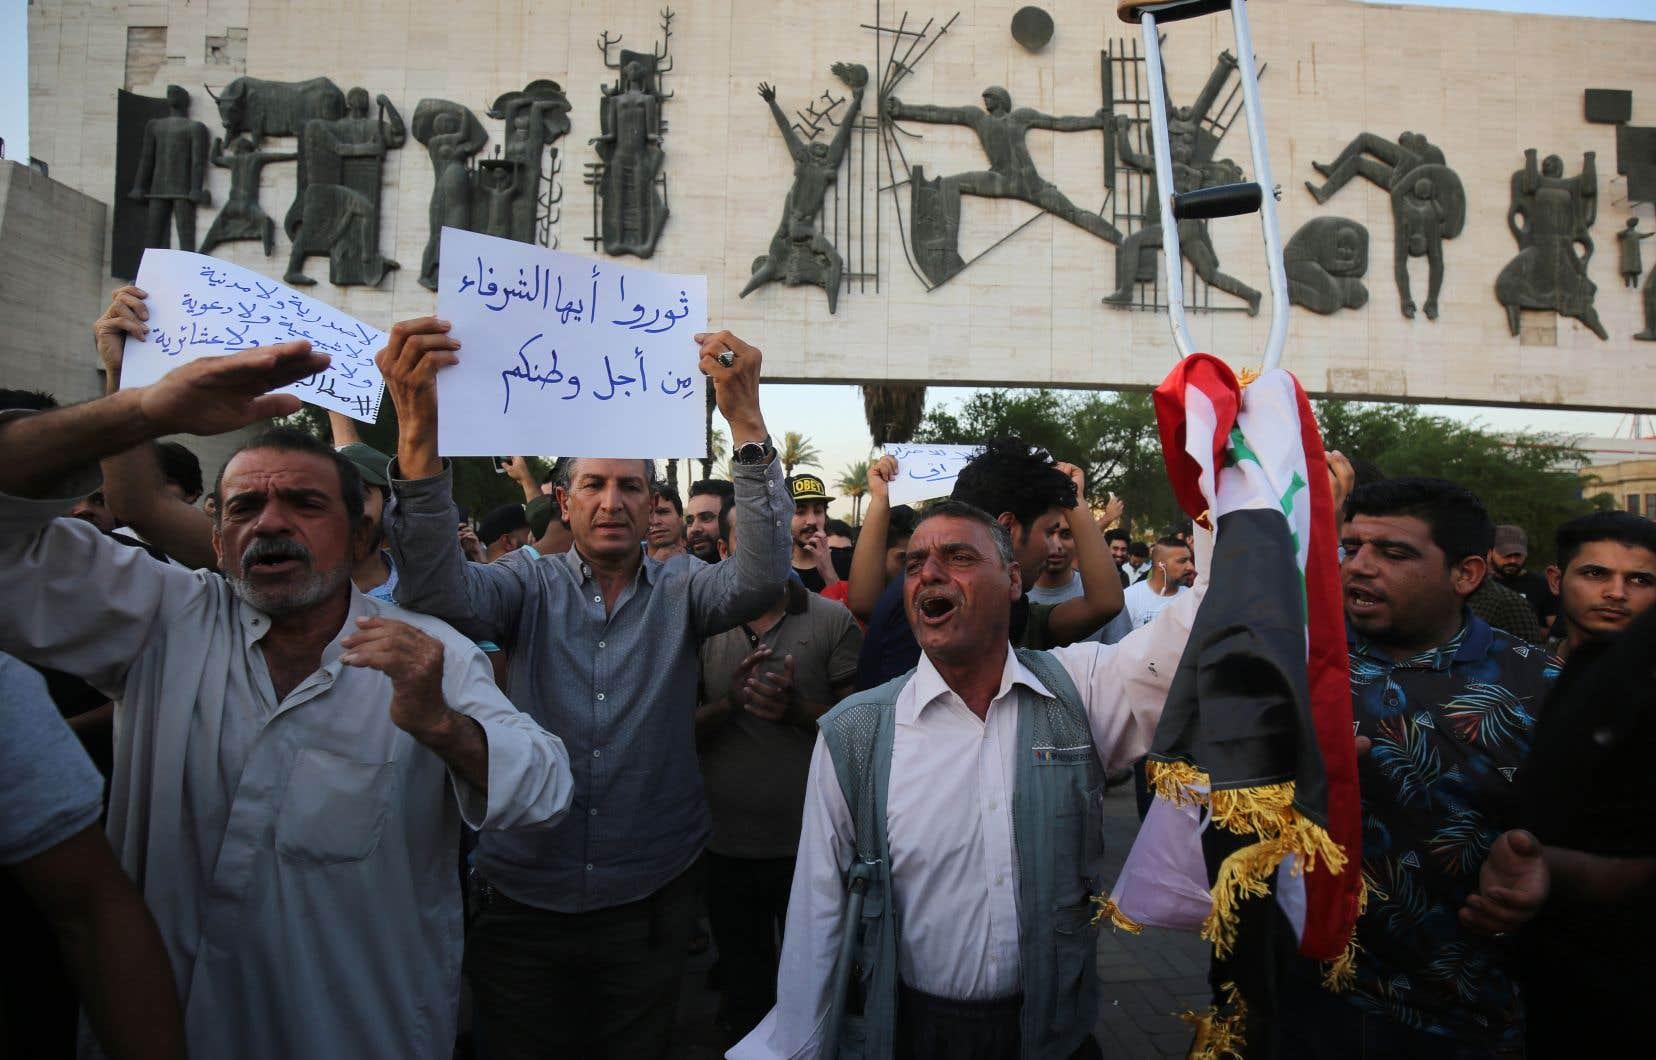 Six mois après la proclamation par les autorités de la «victoire» sur le groupe État islamique, les problèmes sociaux sont redevenus la priorité.